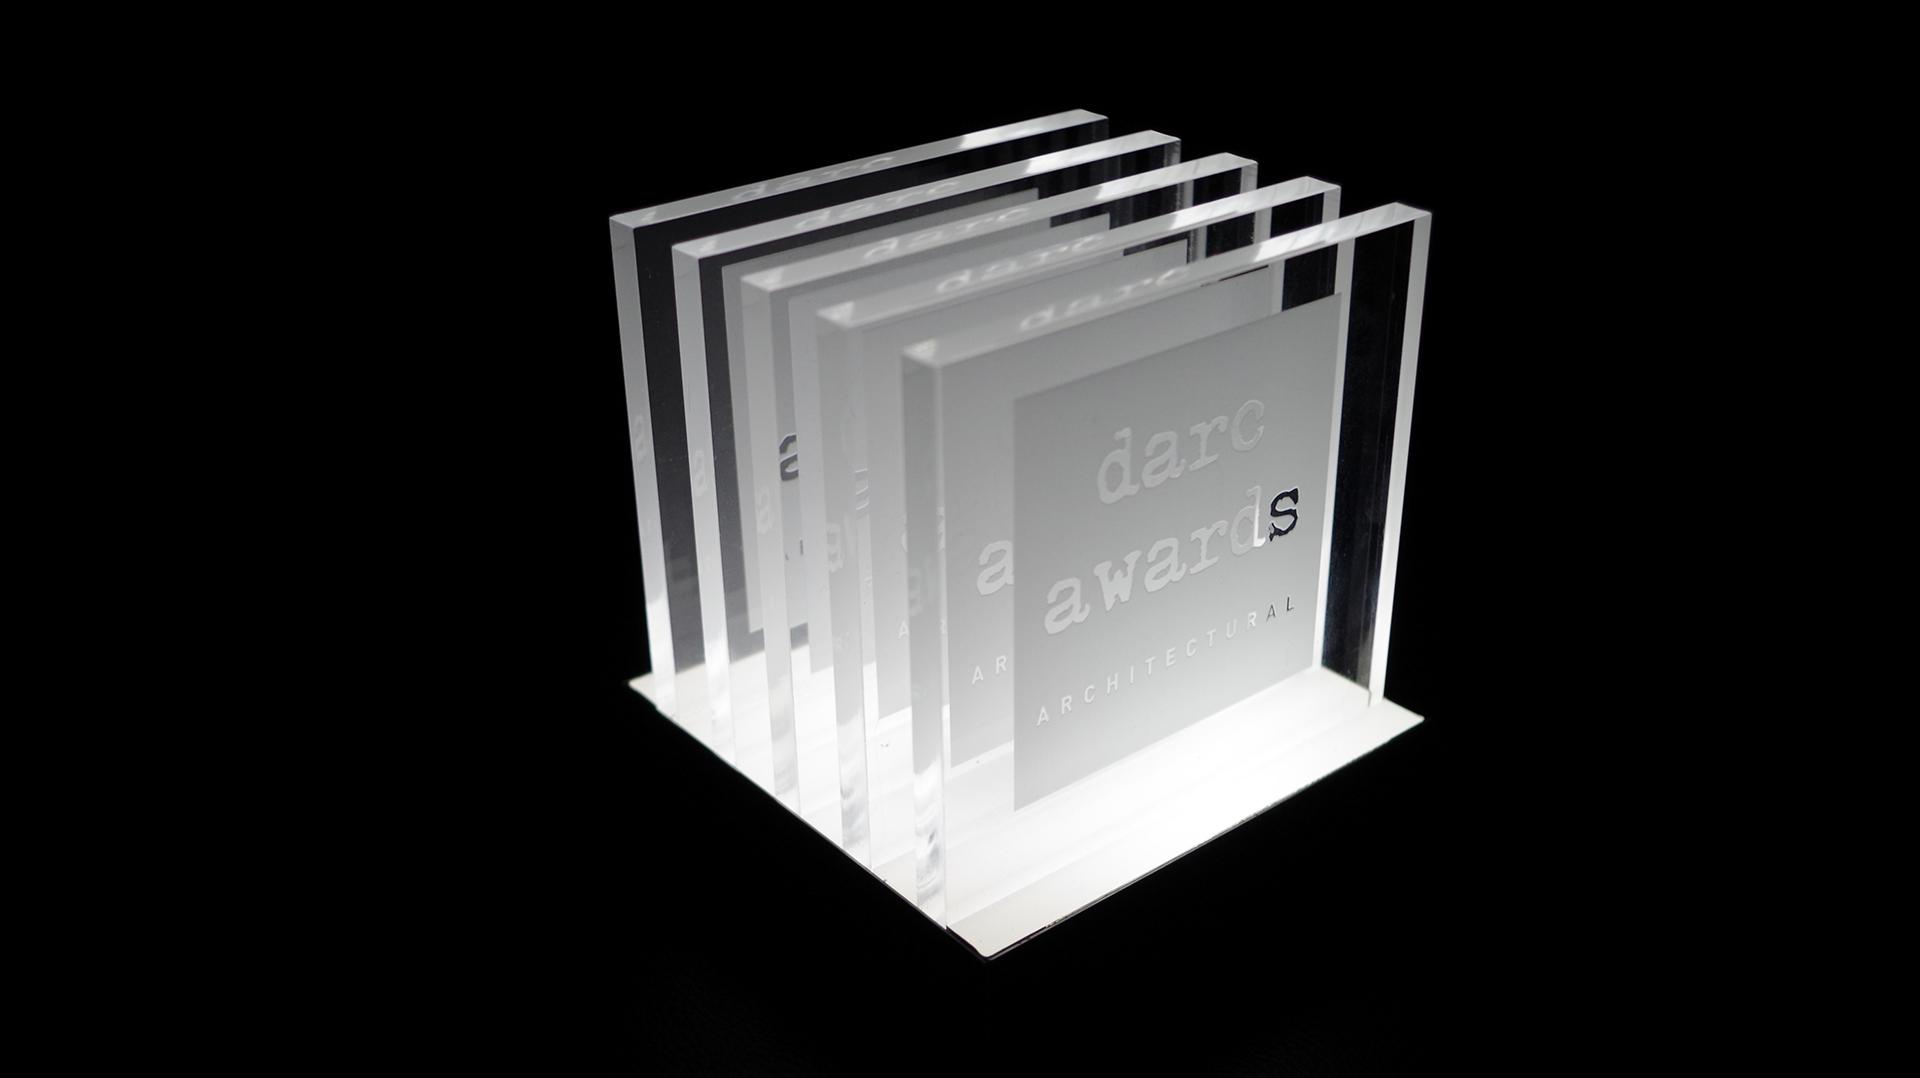 Darc-award-2.jpg